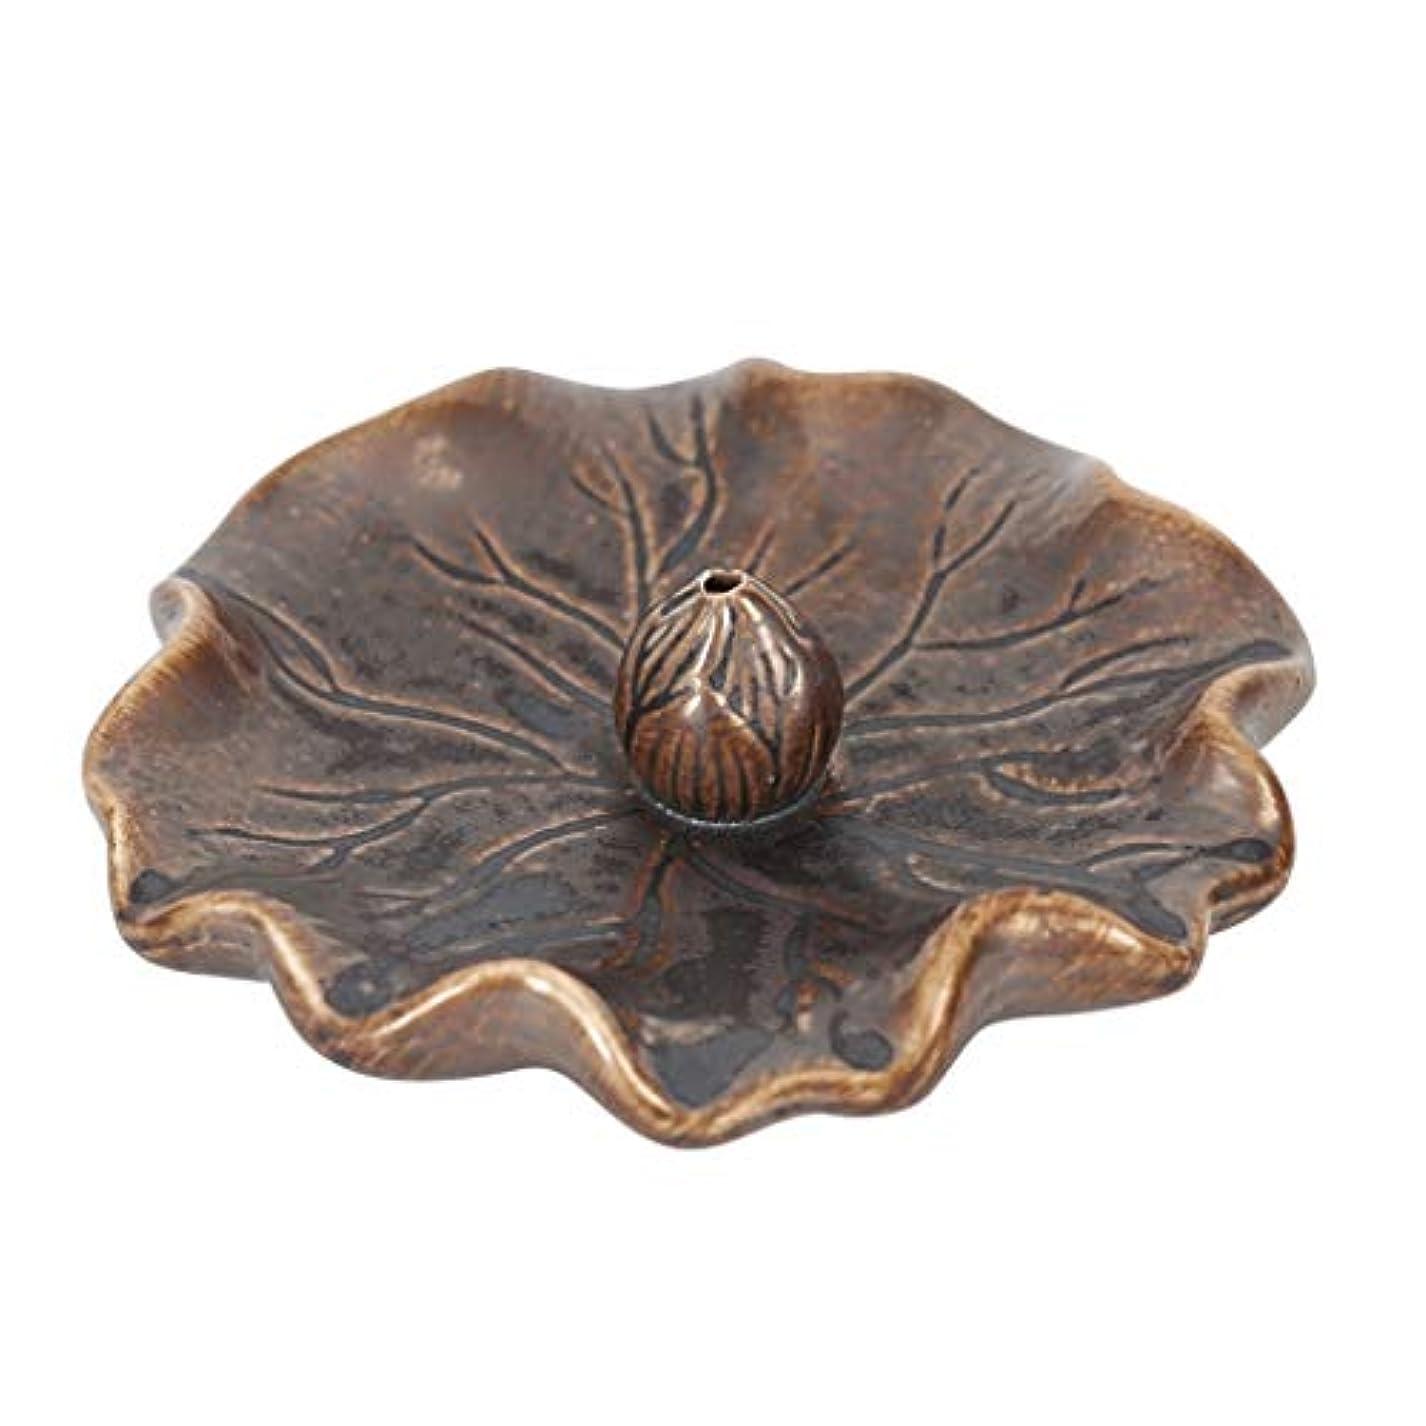 ジョリー分布聖書蓮の葉セラミック香炉ライン香バーナーホーム寒天ベース屋内香ホルダーホルダーまっすぐな香香スティック (Color : Brass, サイズ : 4.52*1.18inchs)